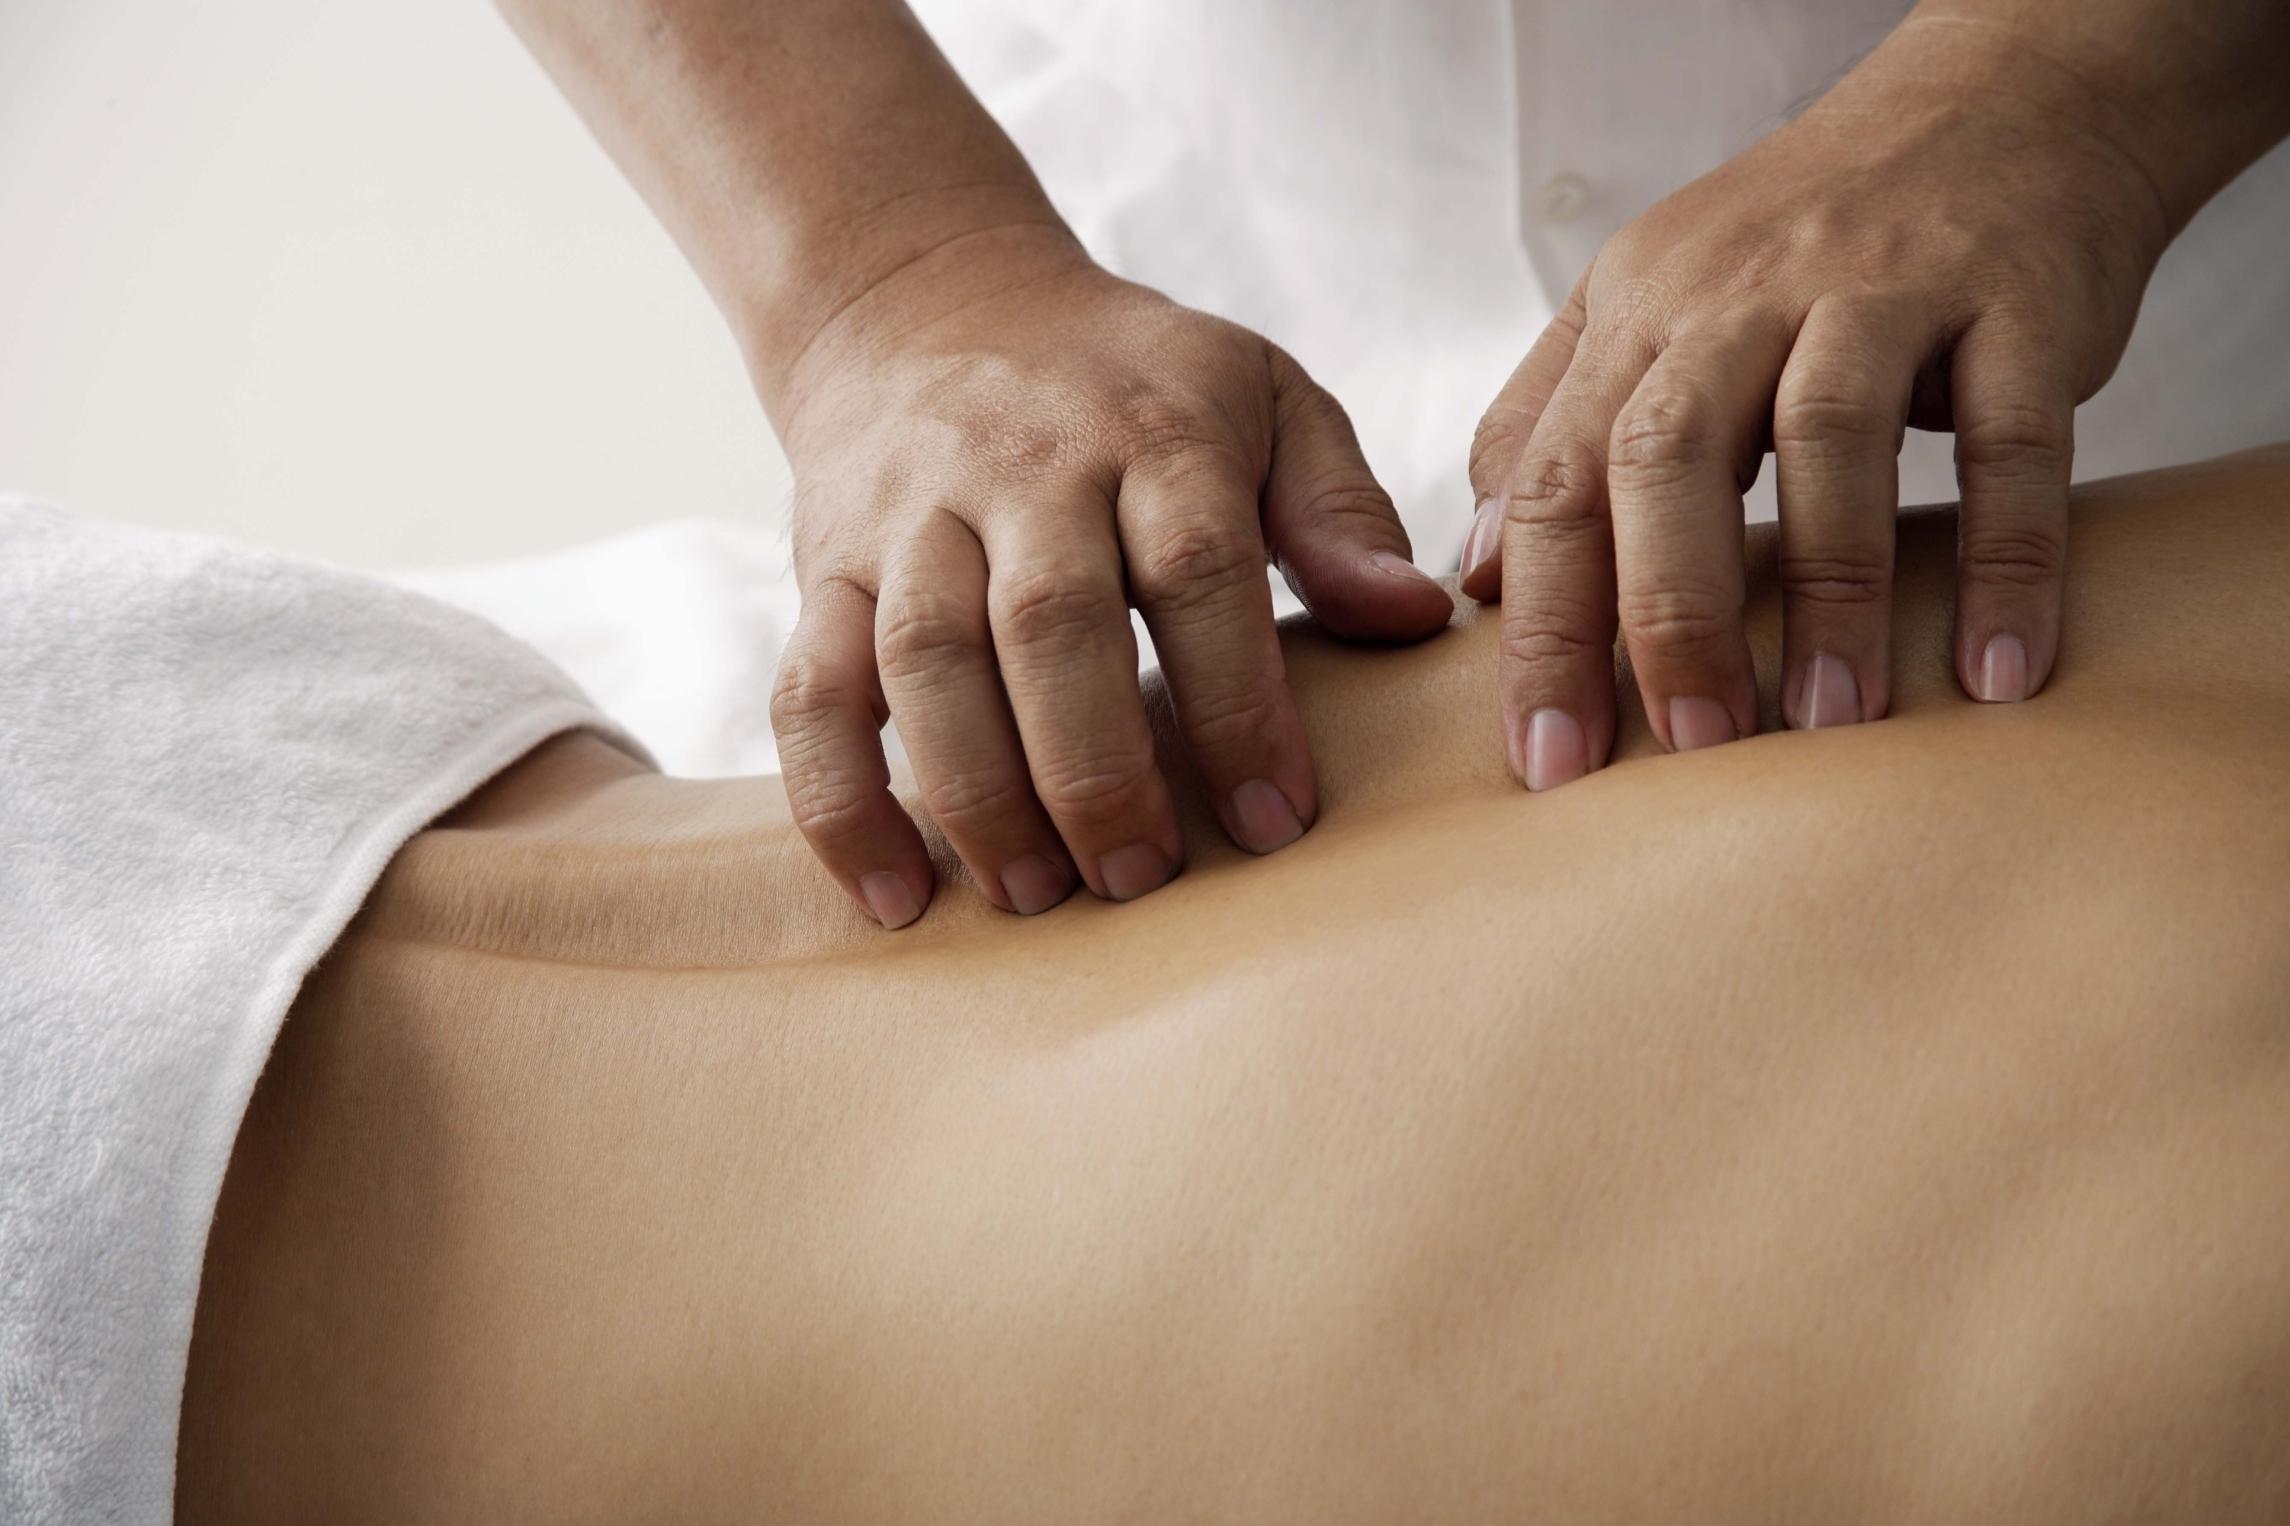 Эротический массаж влагалища, вагины, вульвы Видео